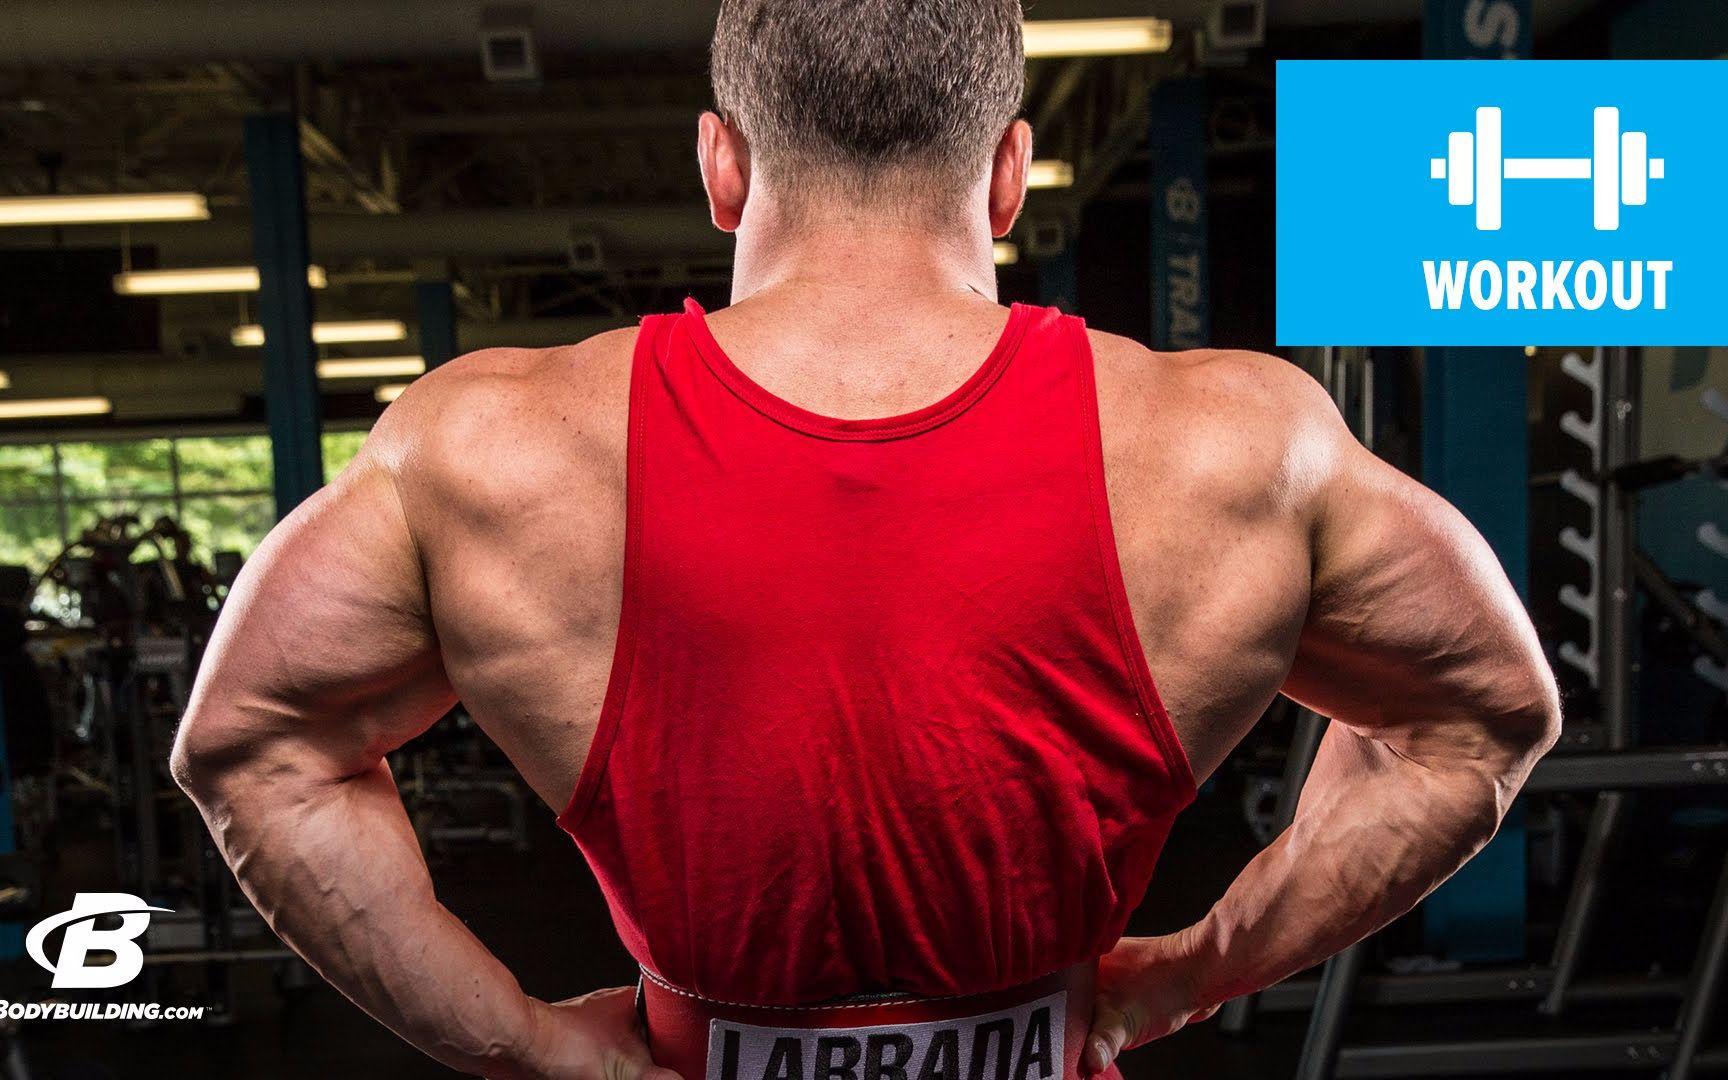 健美运动员拉布拉达的背部训练日-健身健美教程系列